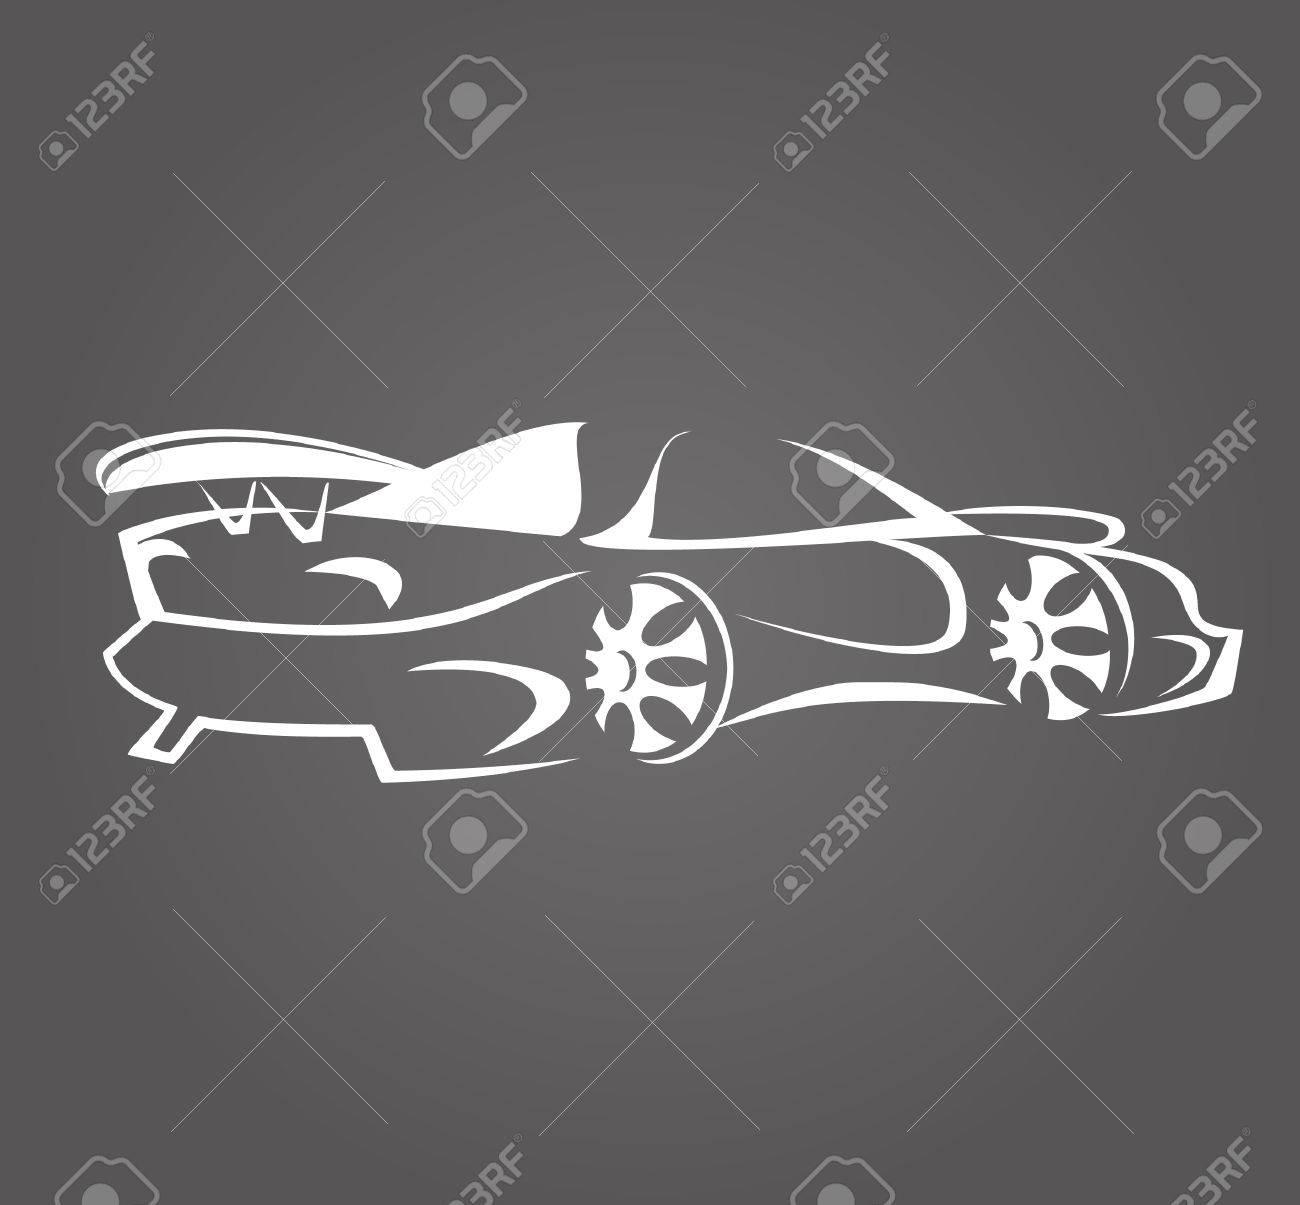 Einfache Icon: Autoschattenbild-Entwurf Lizenzfrei Nutzbare ...